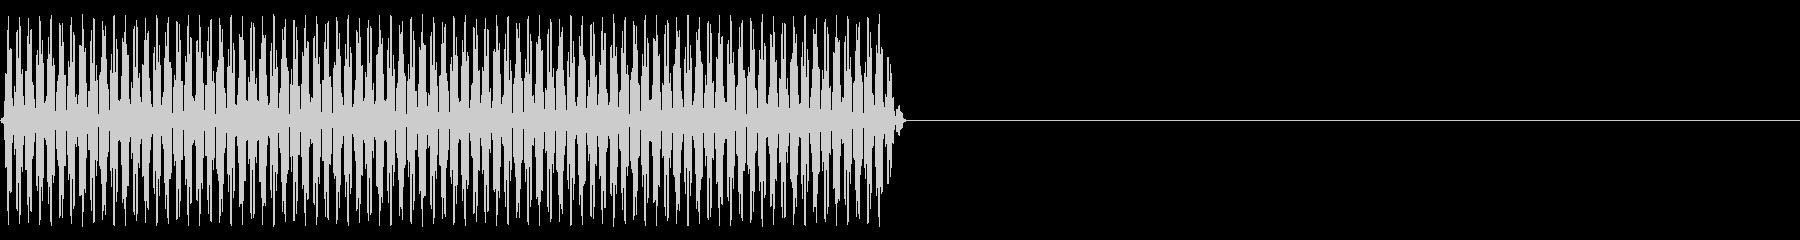 『ピッ』電話のプッシュ音(D)-単音の未再生の波形